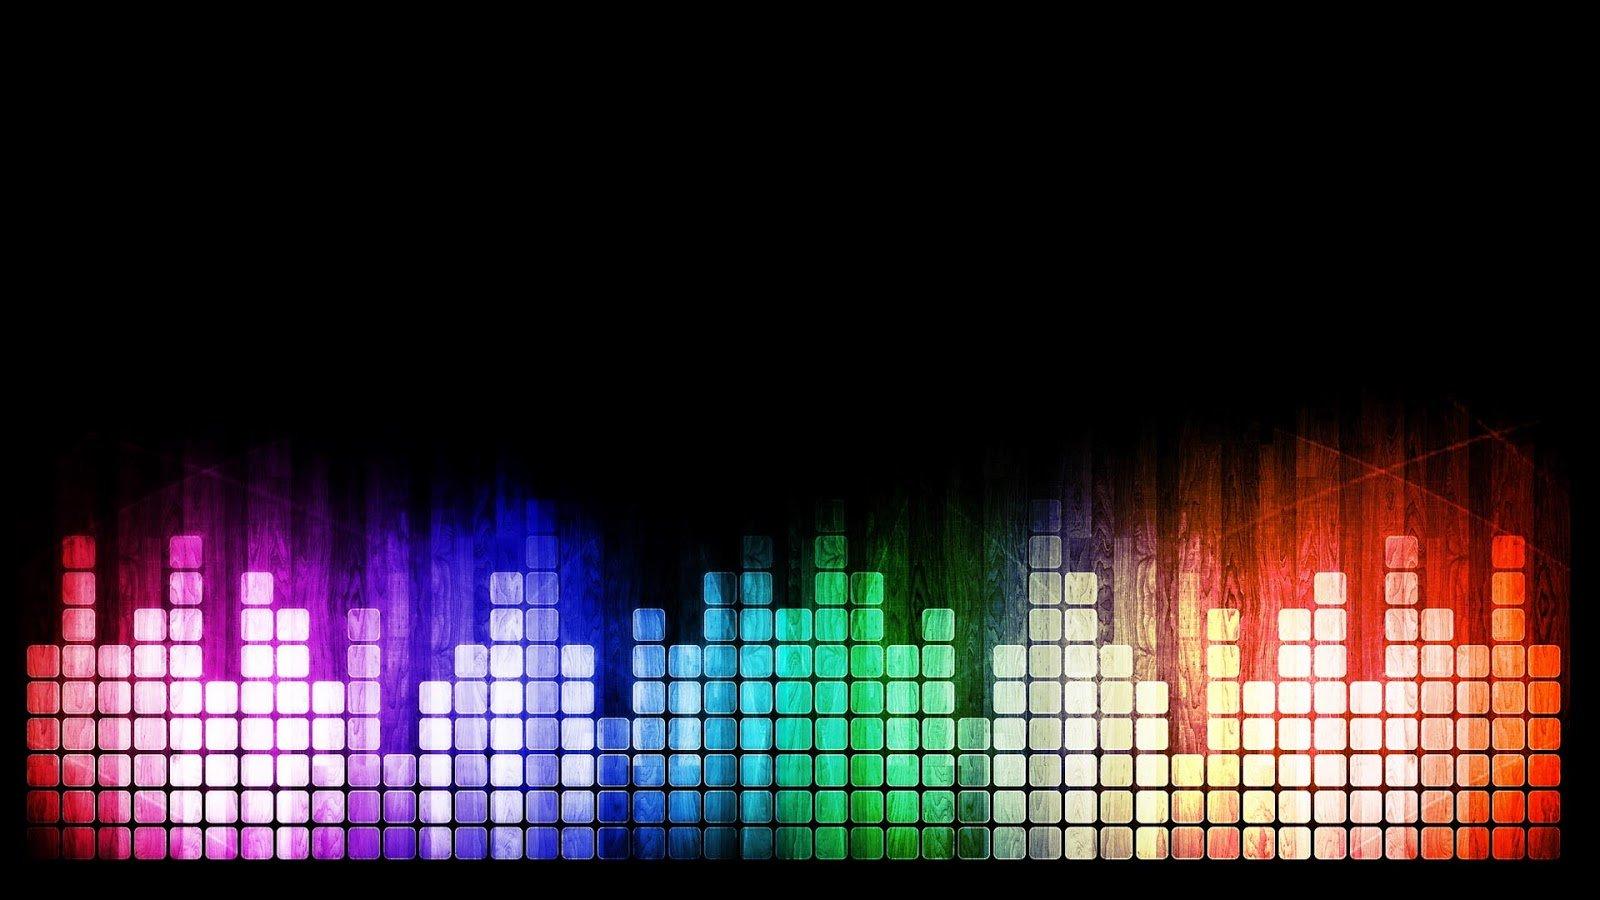 EDM Wallpaper HD - WallpaperSafari